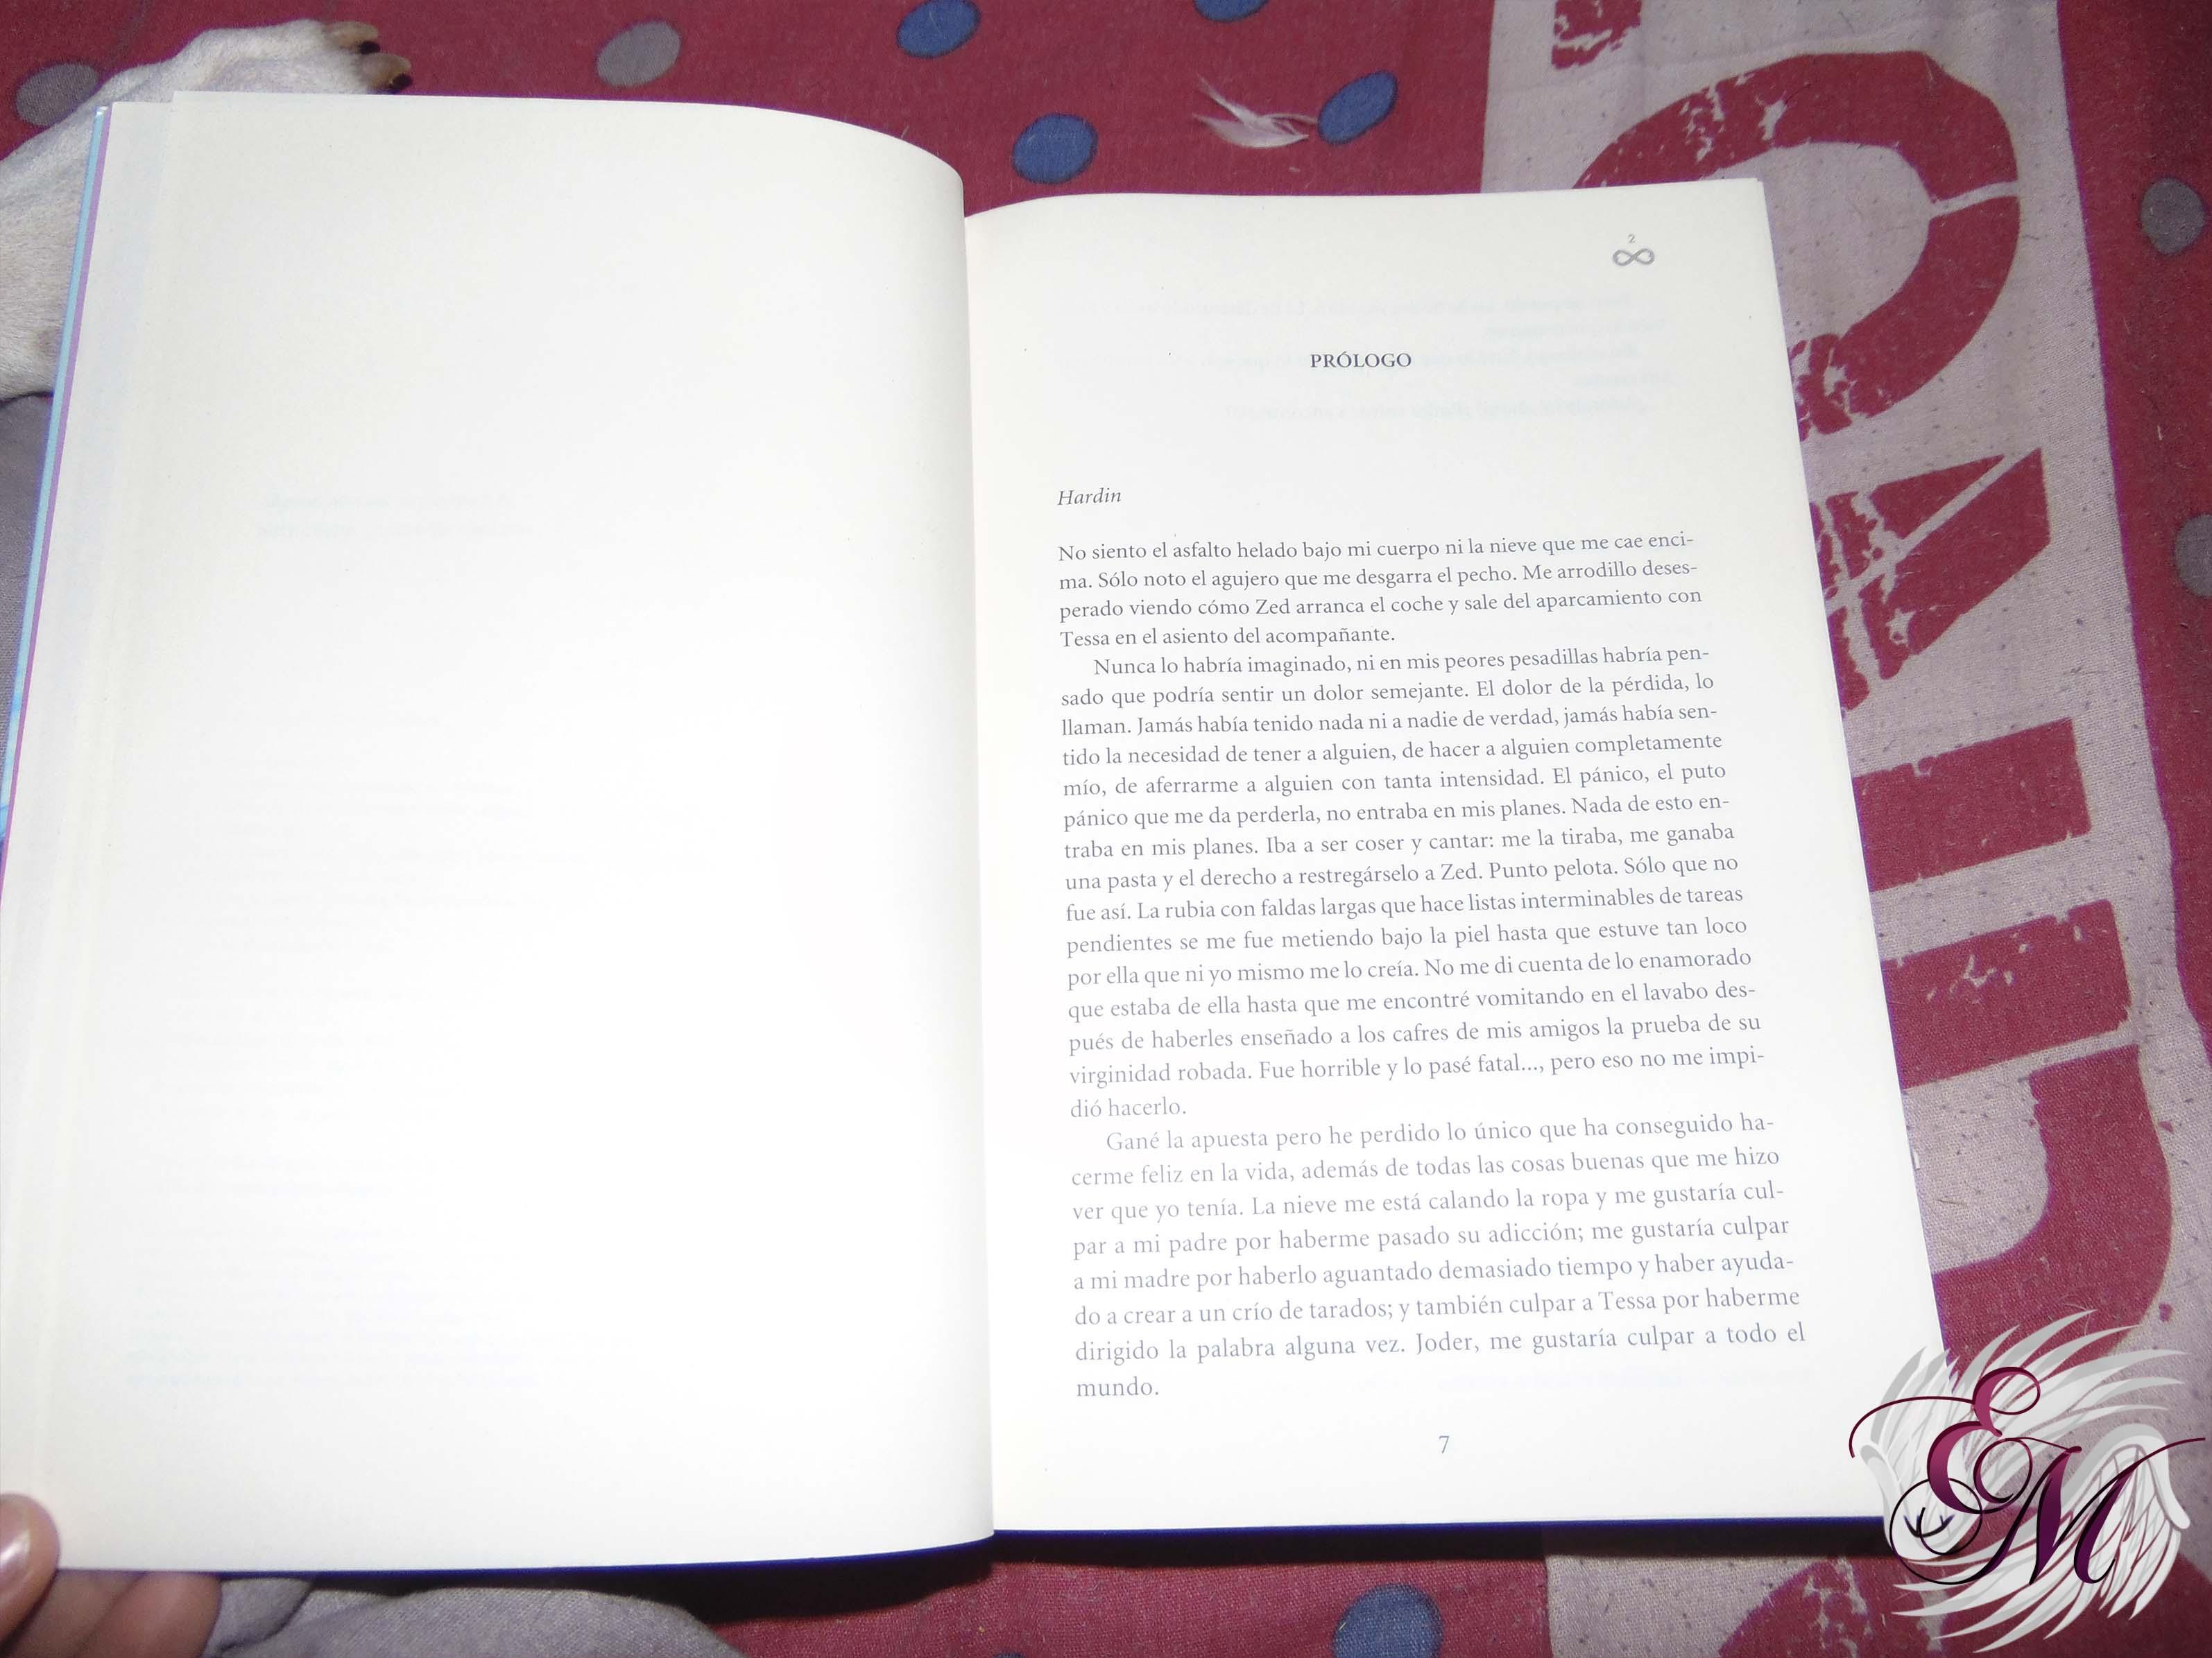 Fotografía del primer capítulo